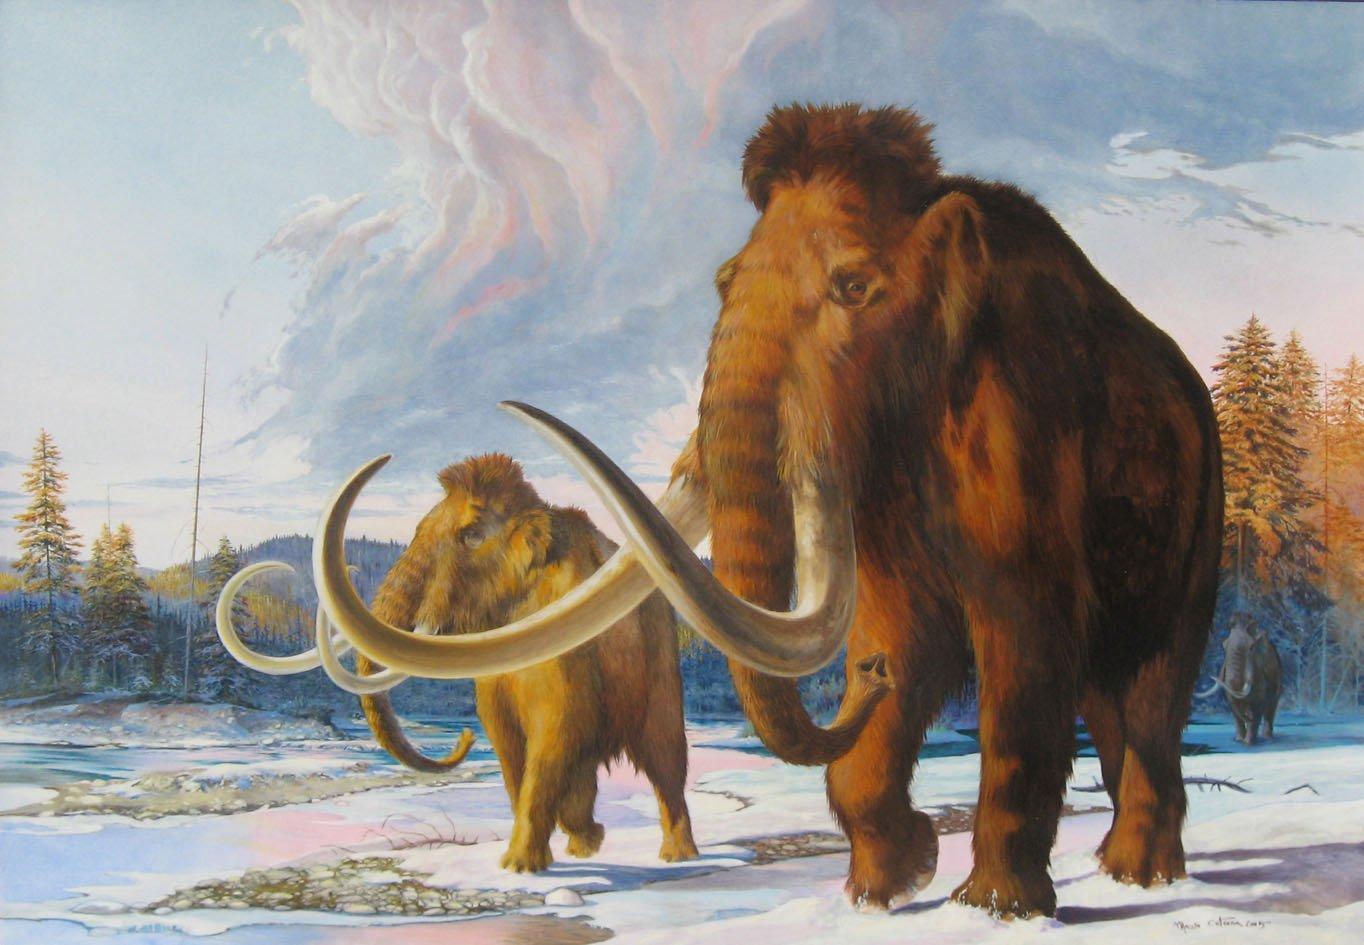 картинка мамонта и древнего человека еще музейным делом